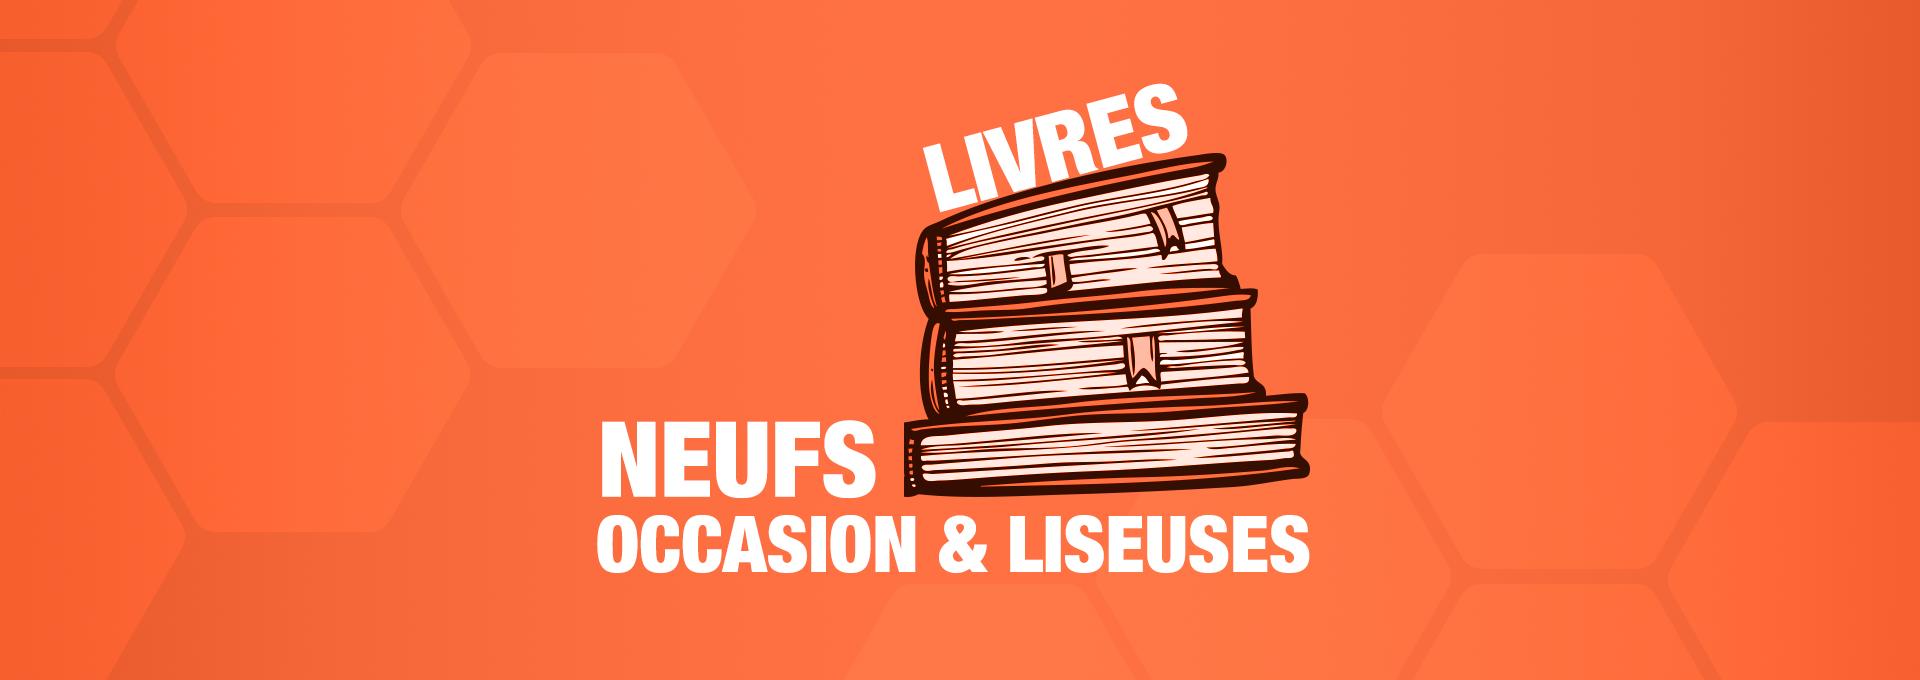 consommer autrement livres neufs occasion liseuses